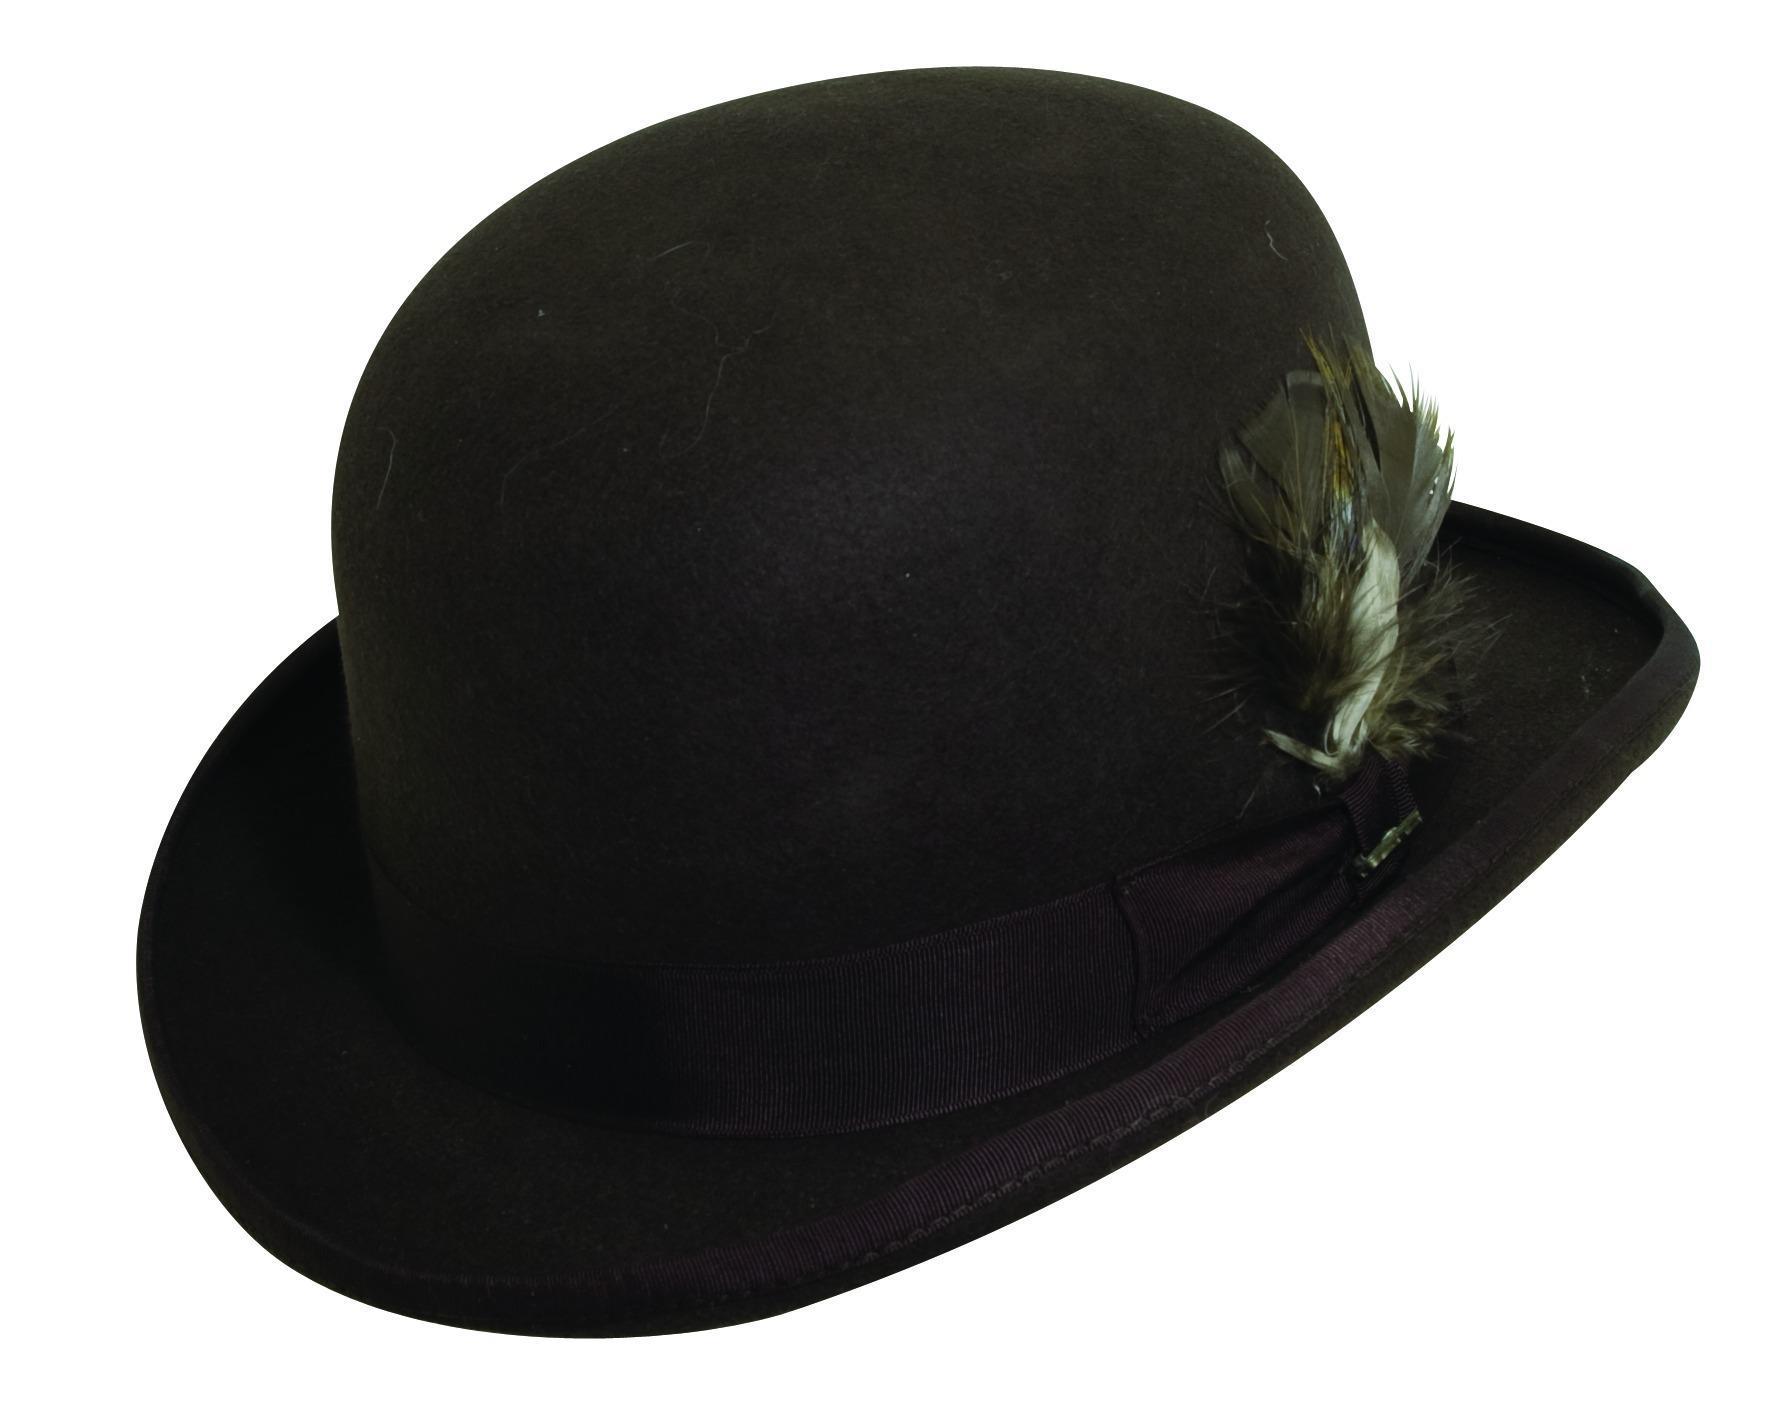 a11577a0c3f Scala Men s Wool Felt Derby Bowler Hat